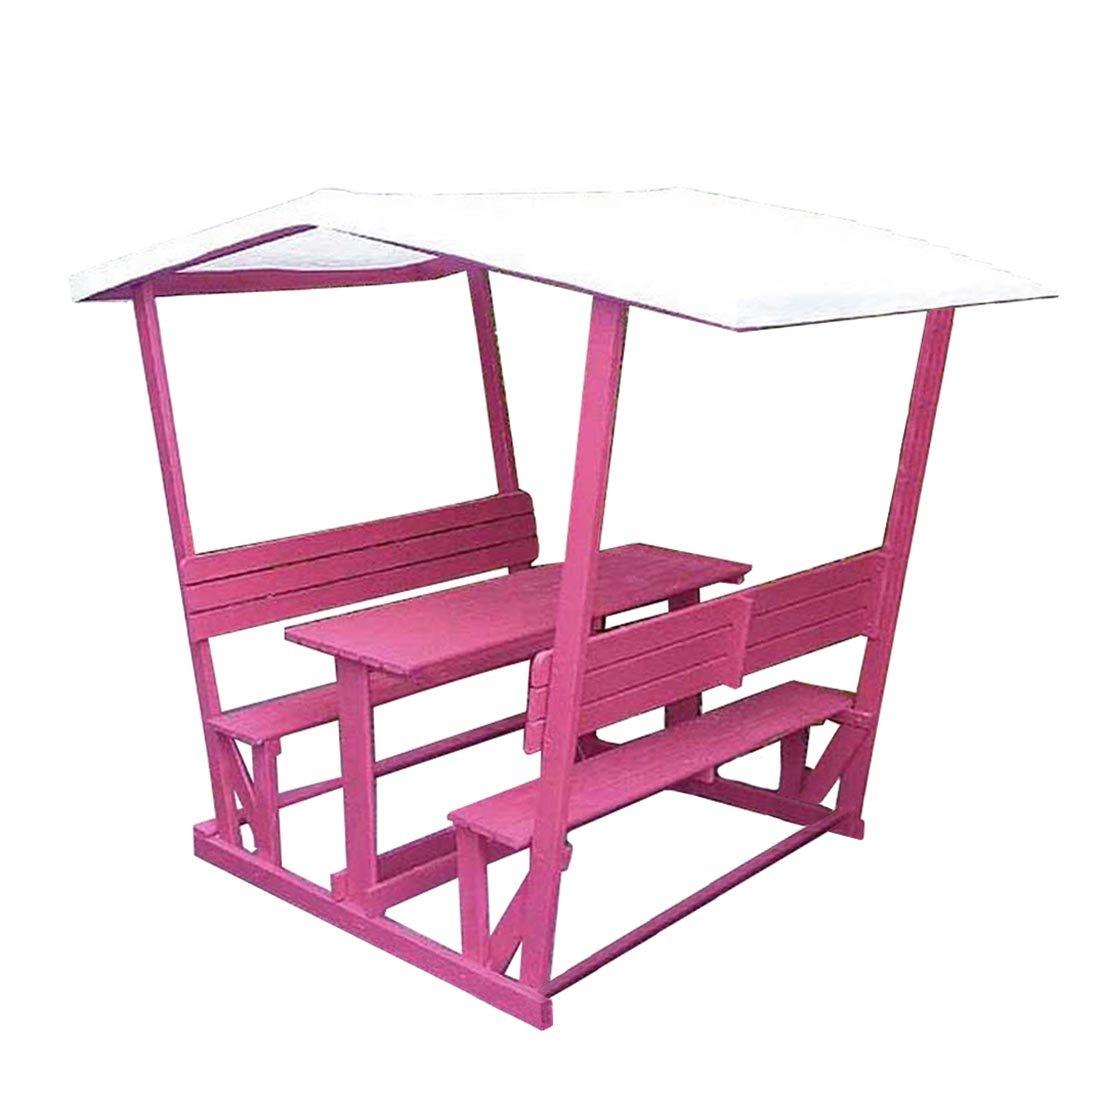 promadino Kinder-Gartenmöbel Kinderpavillon Anna kaufen